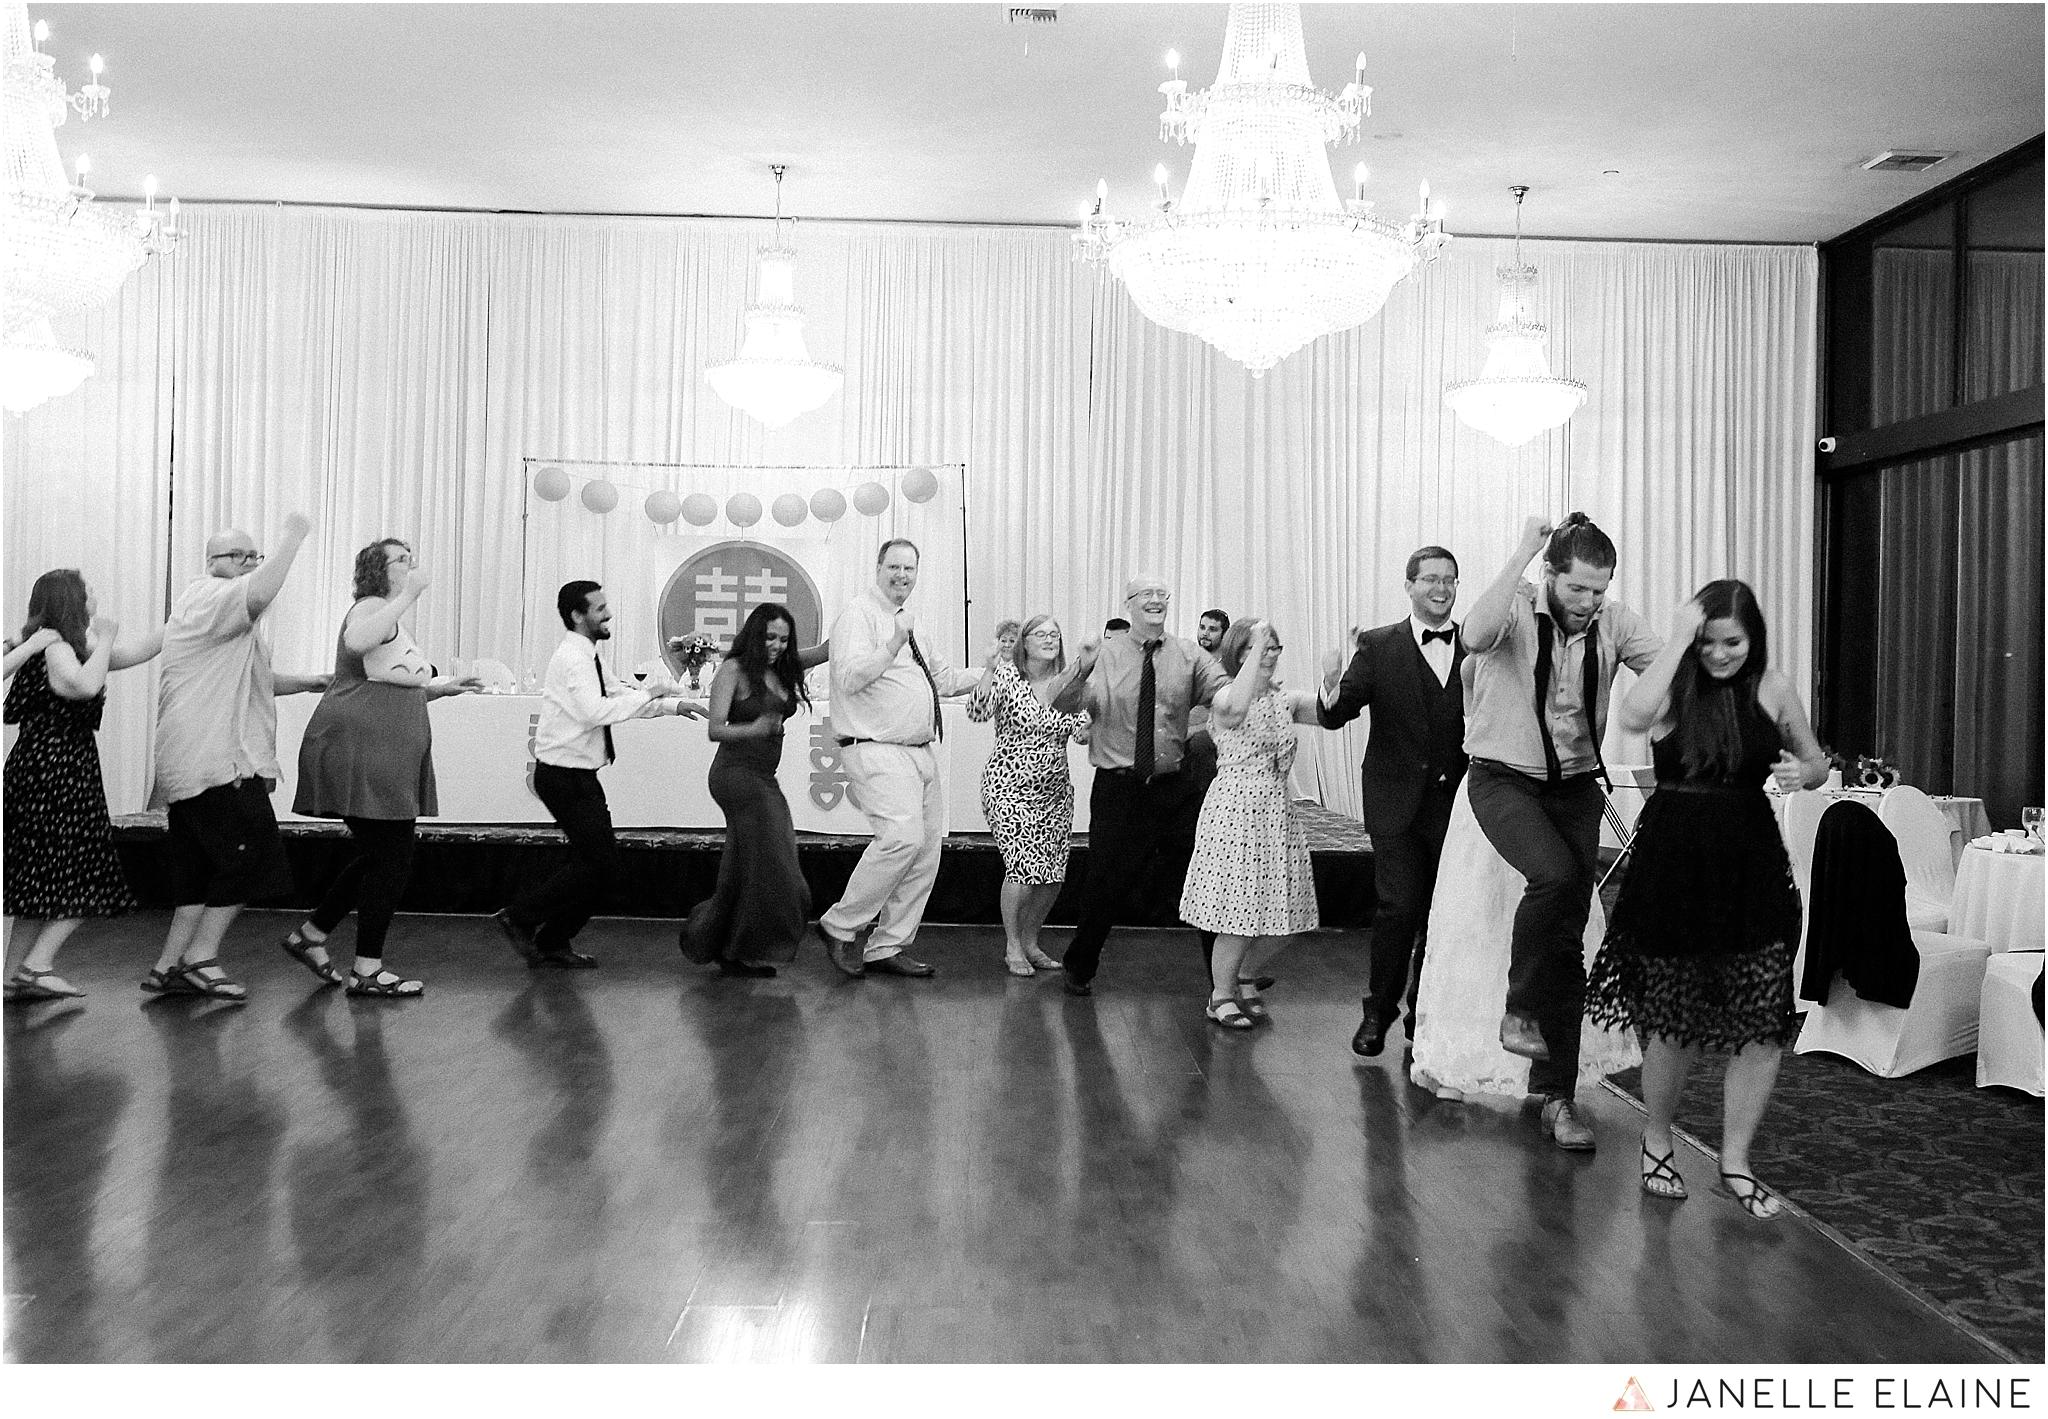 janelle elaine photography-professional wedding photographer seattle--197.jpg